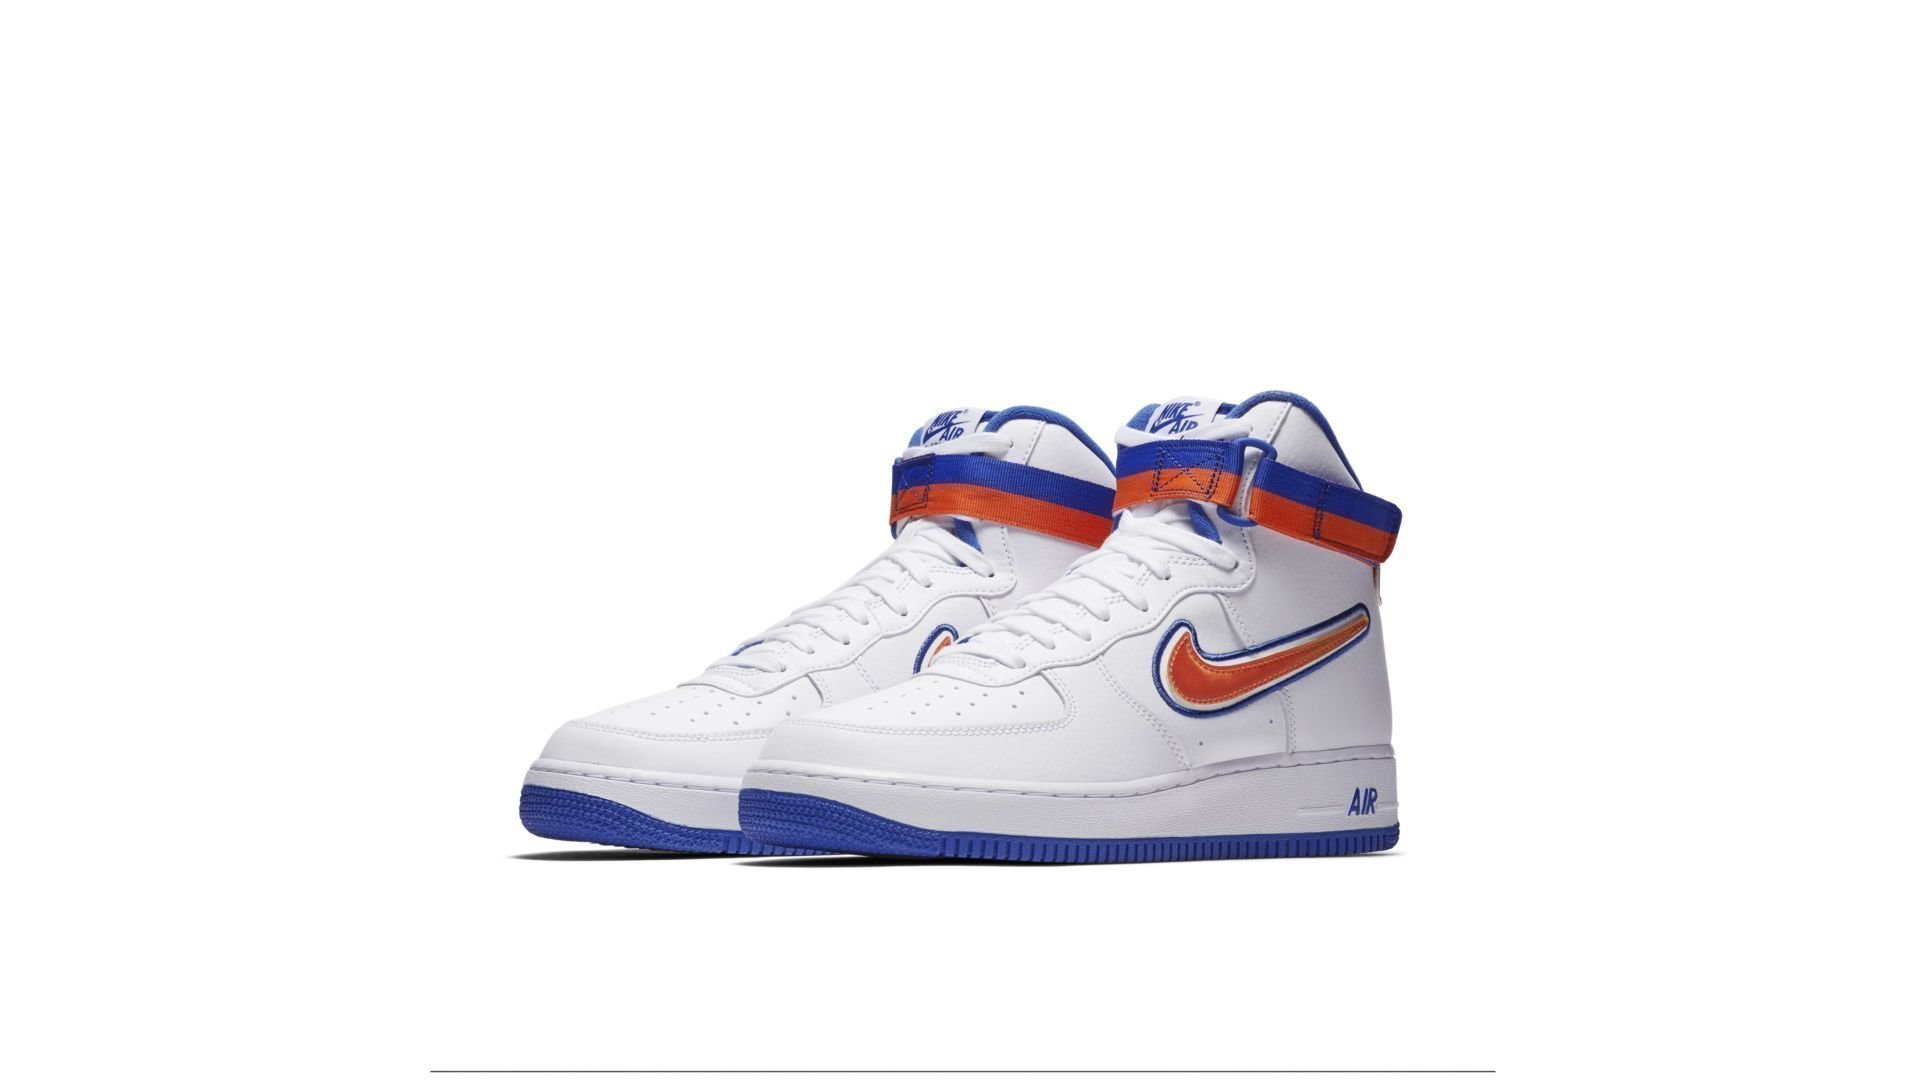 Nike Air Force 1 High Sport NBA White Team Orange Game Royal (AV3938-100)